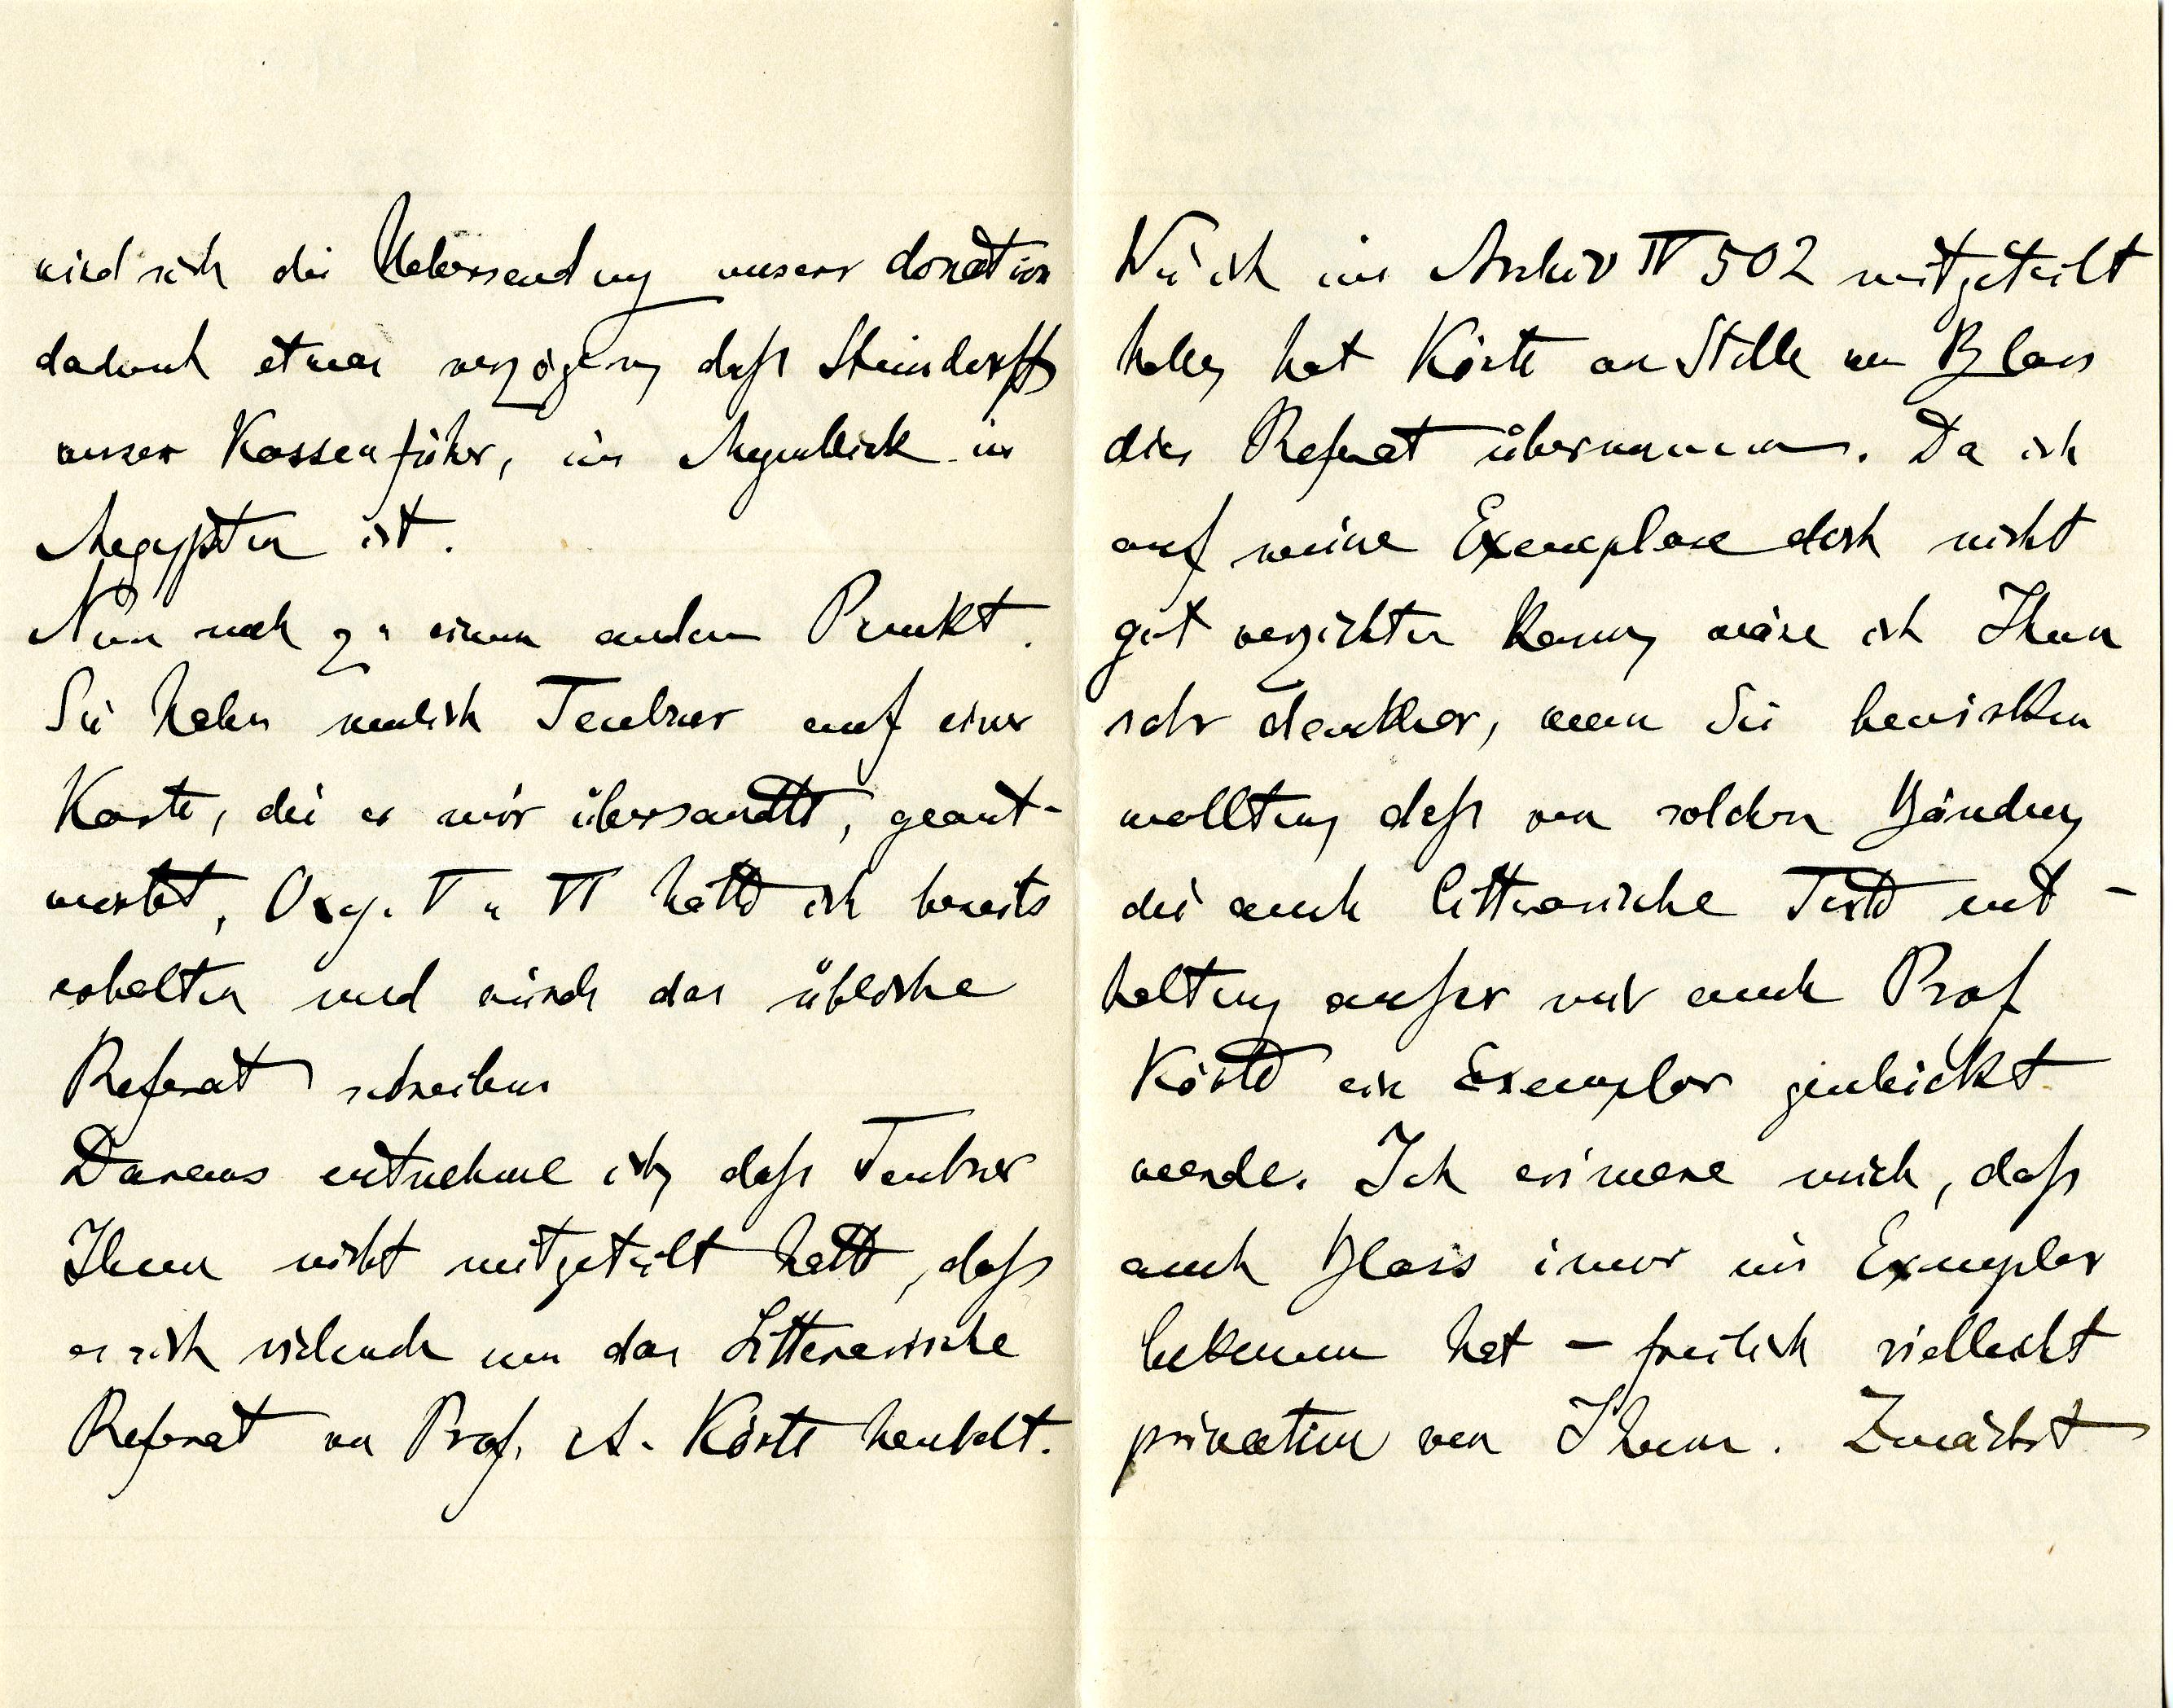 1908-13 Papyri DIST.32.16b